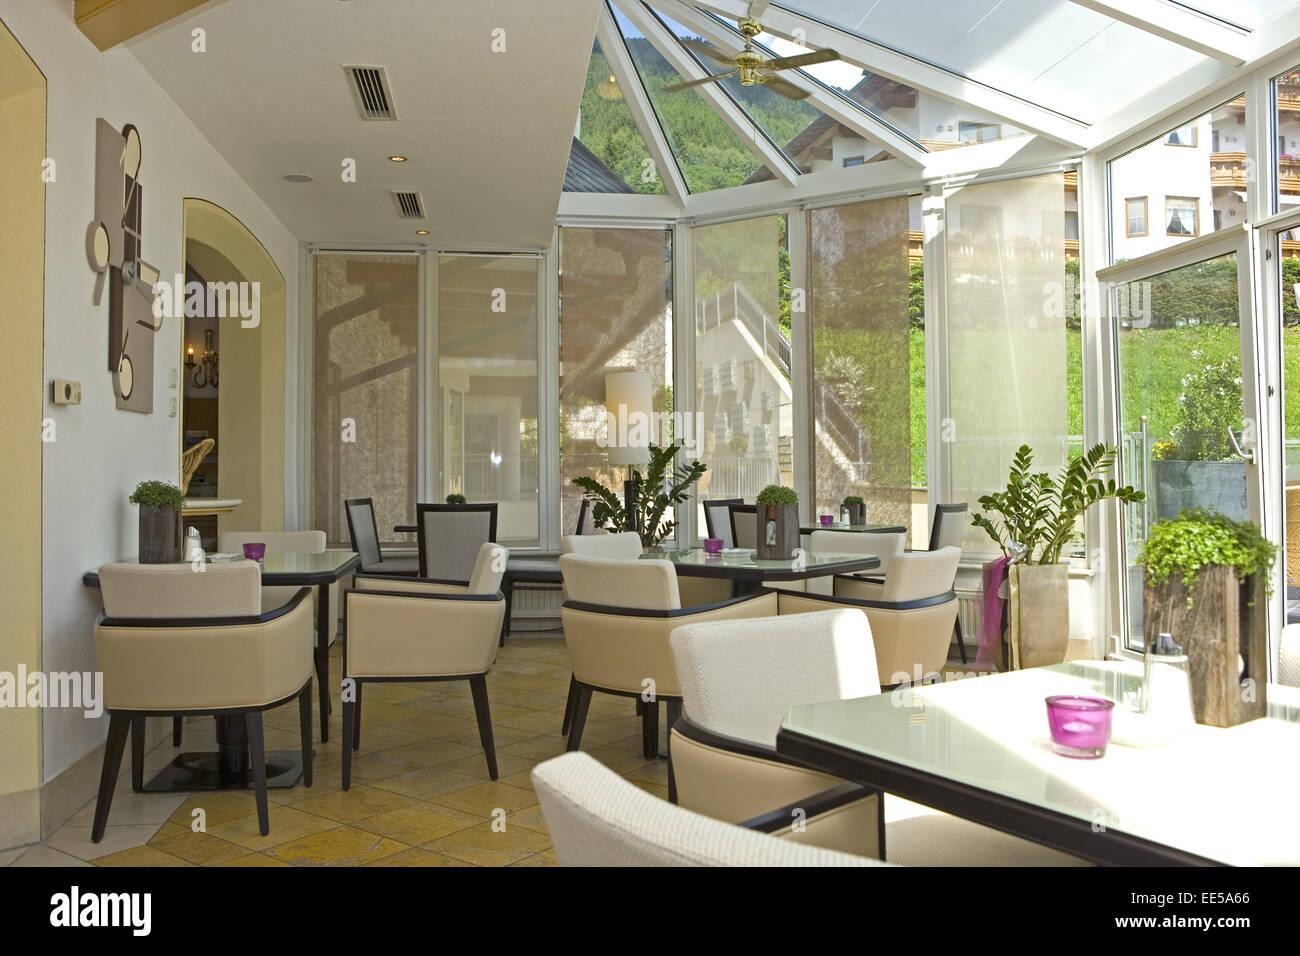 bar bistro cafe wintergarten fenster innenaufnahme restaurant ruhetag stuehle tische. Black Bedroom Furniture Sets. Home Design Ideas